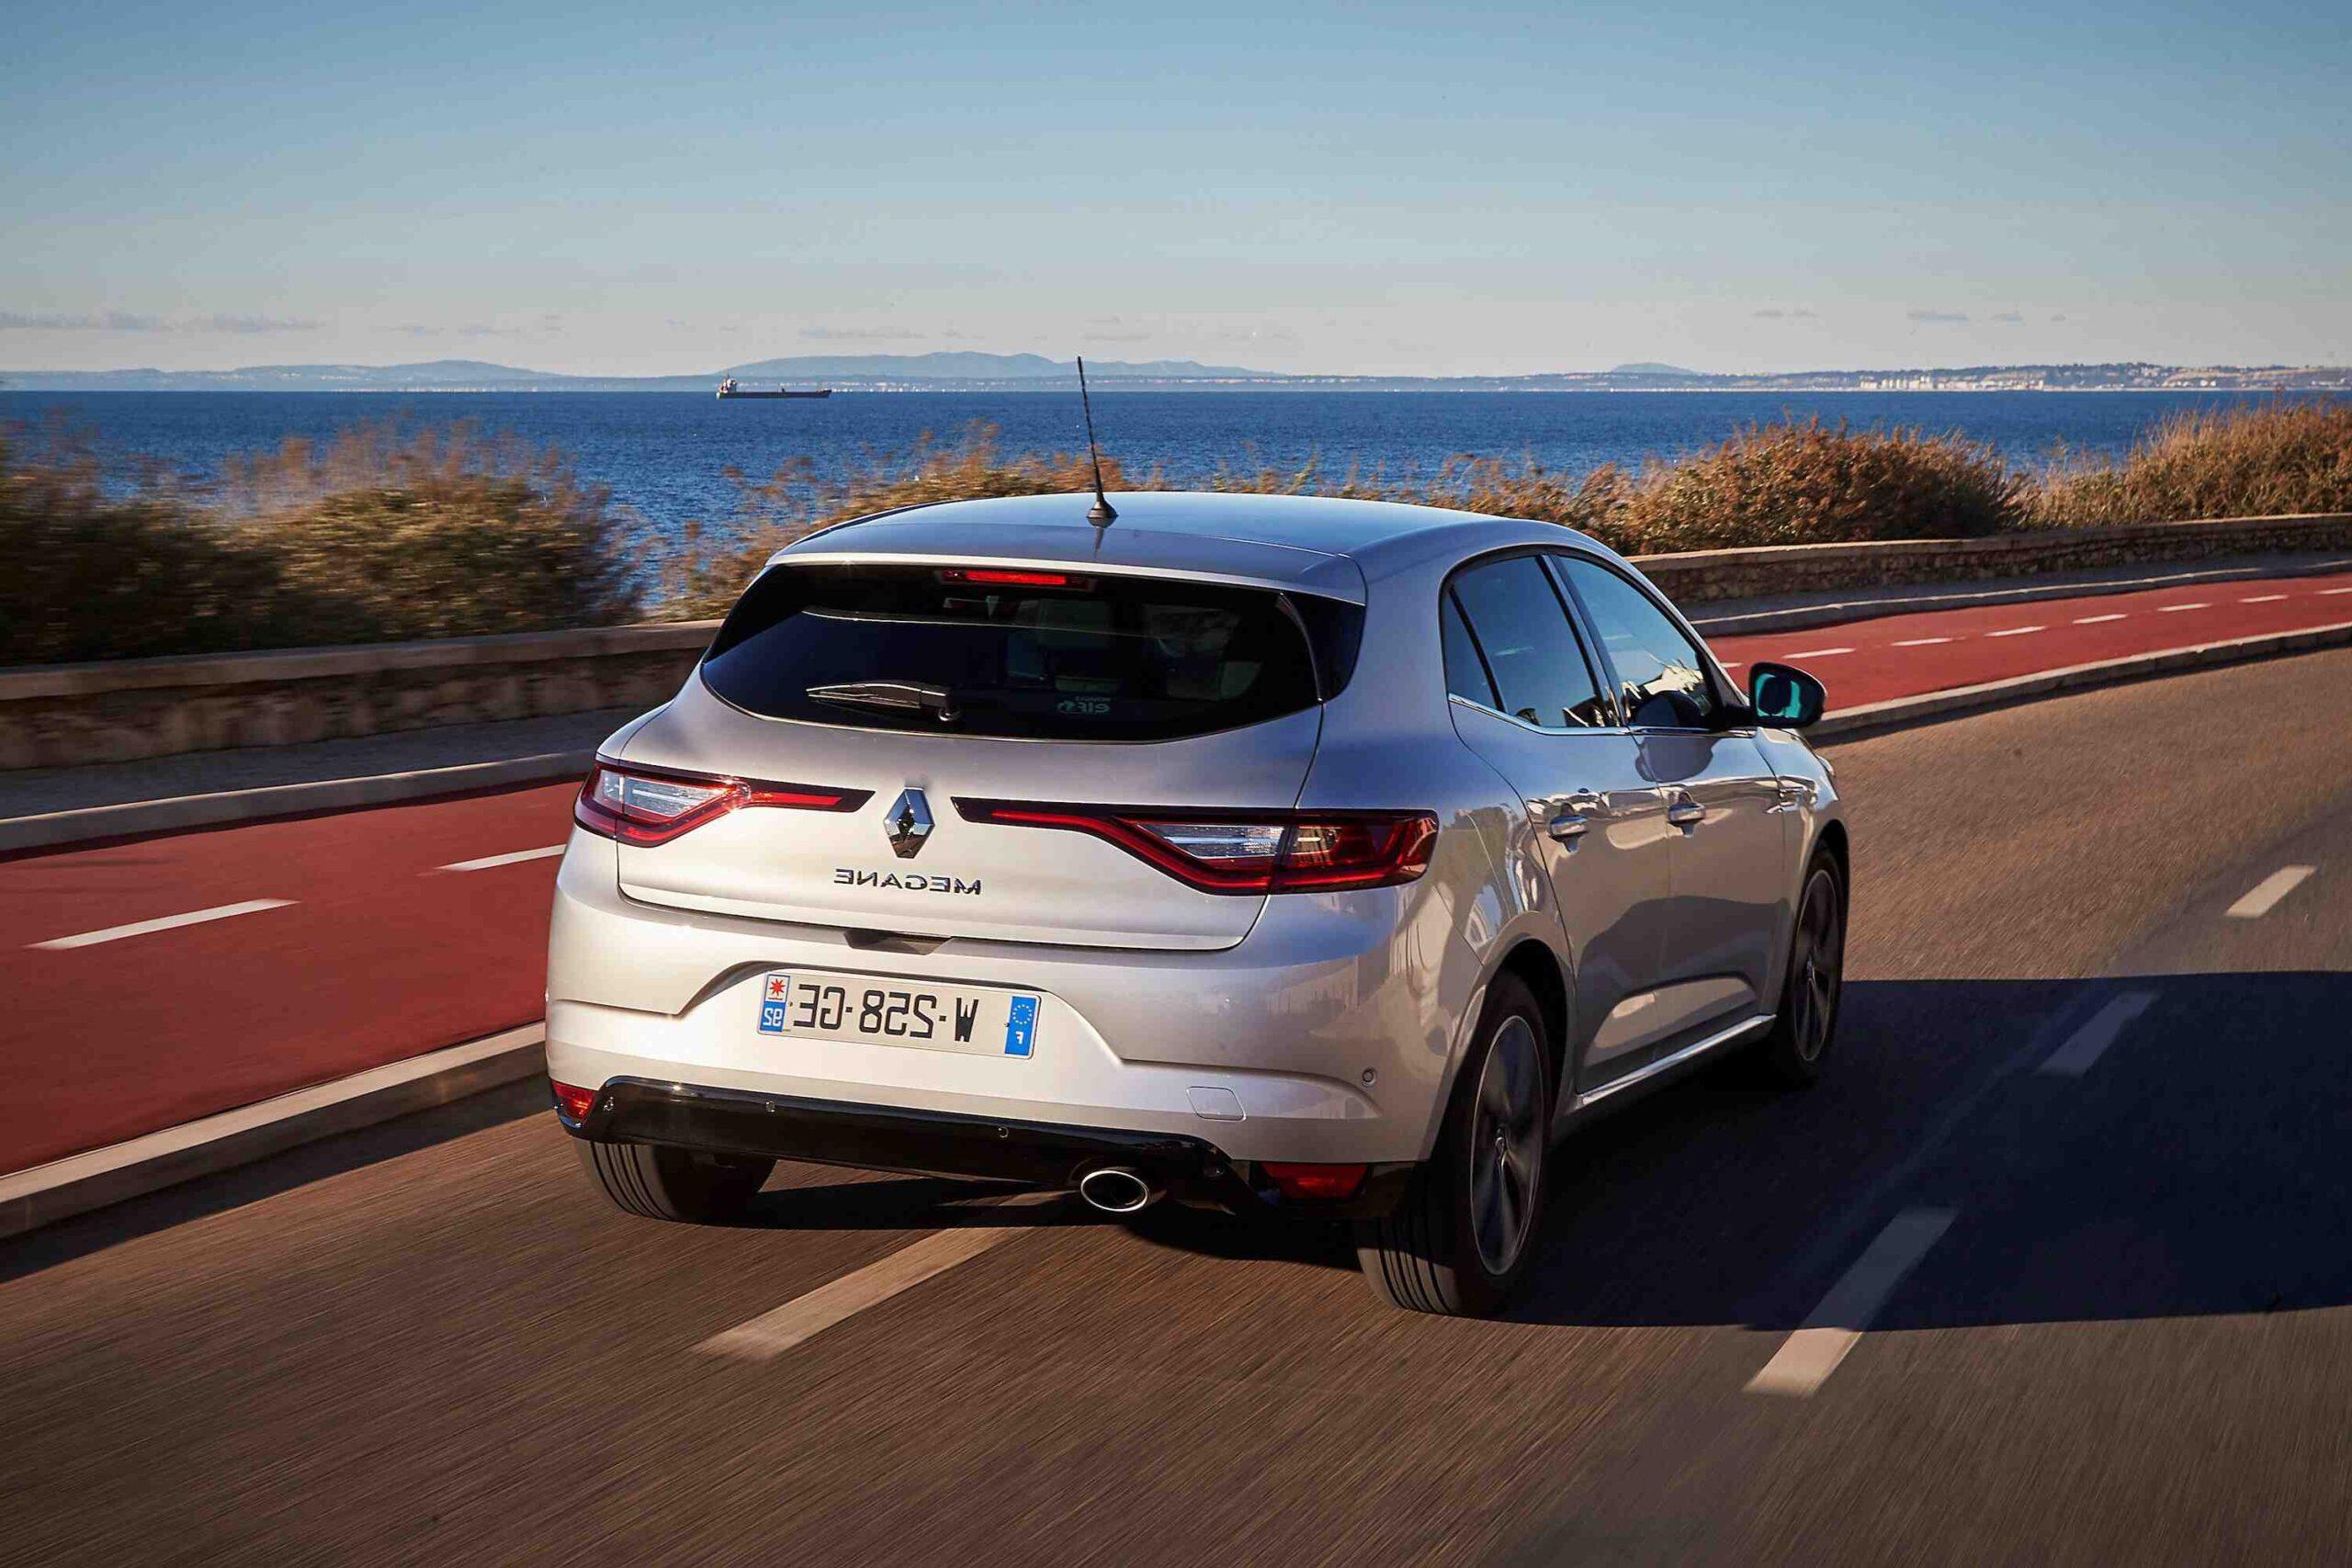 Quelle voiture pouvez-vous acheter en 2020?